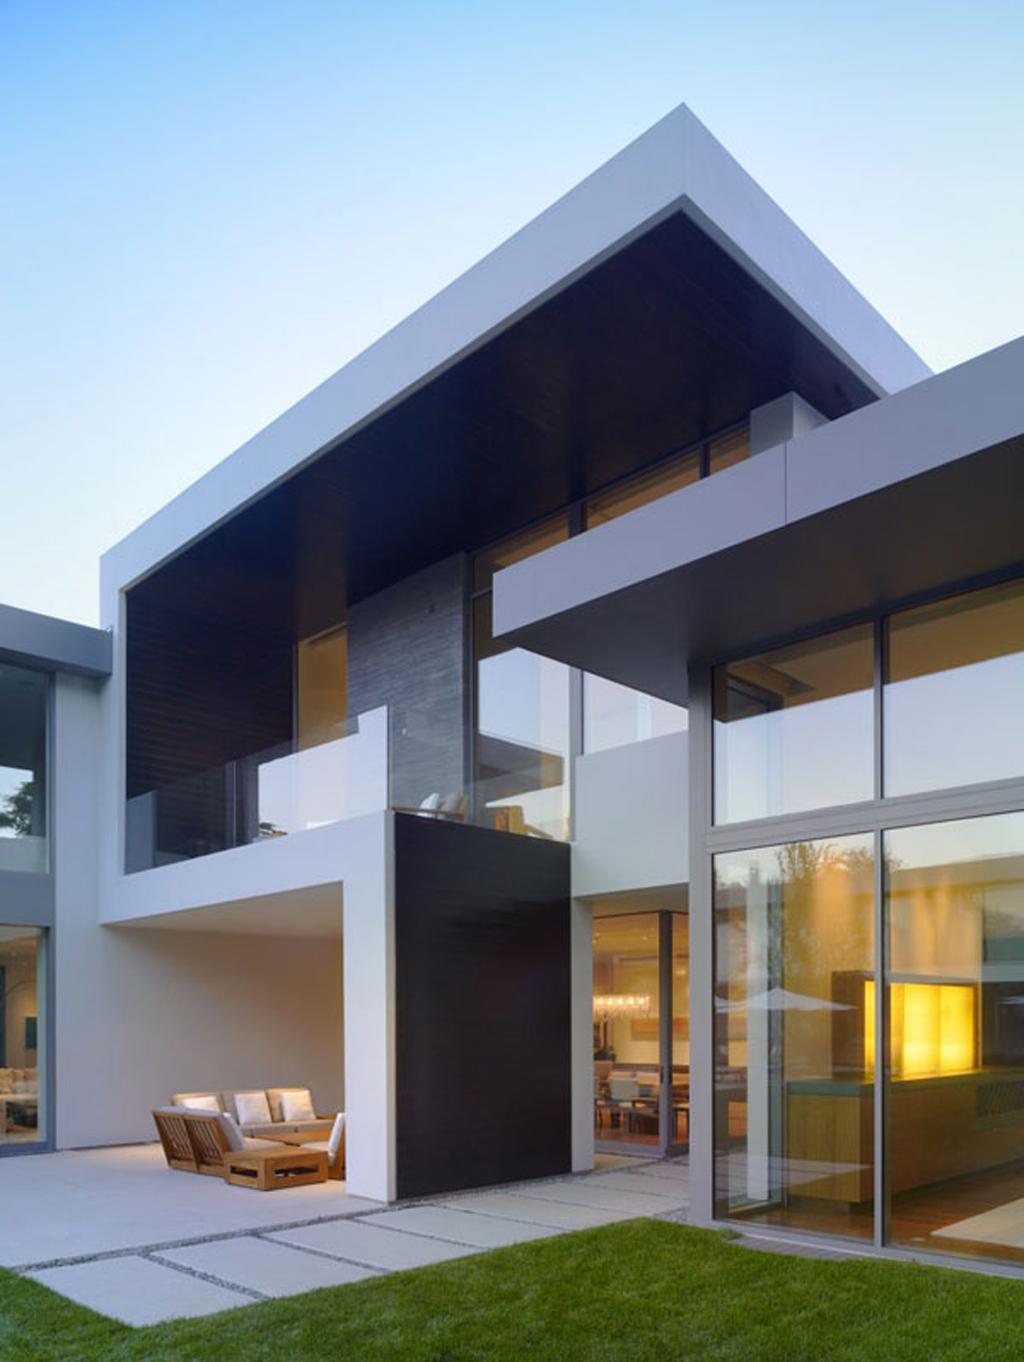 Architecture Villa Image: Architecture Design For Home